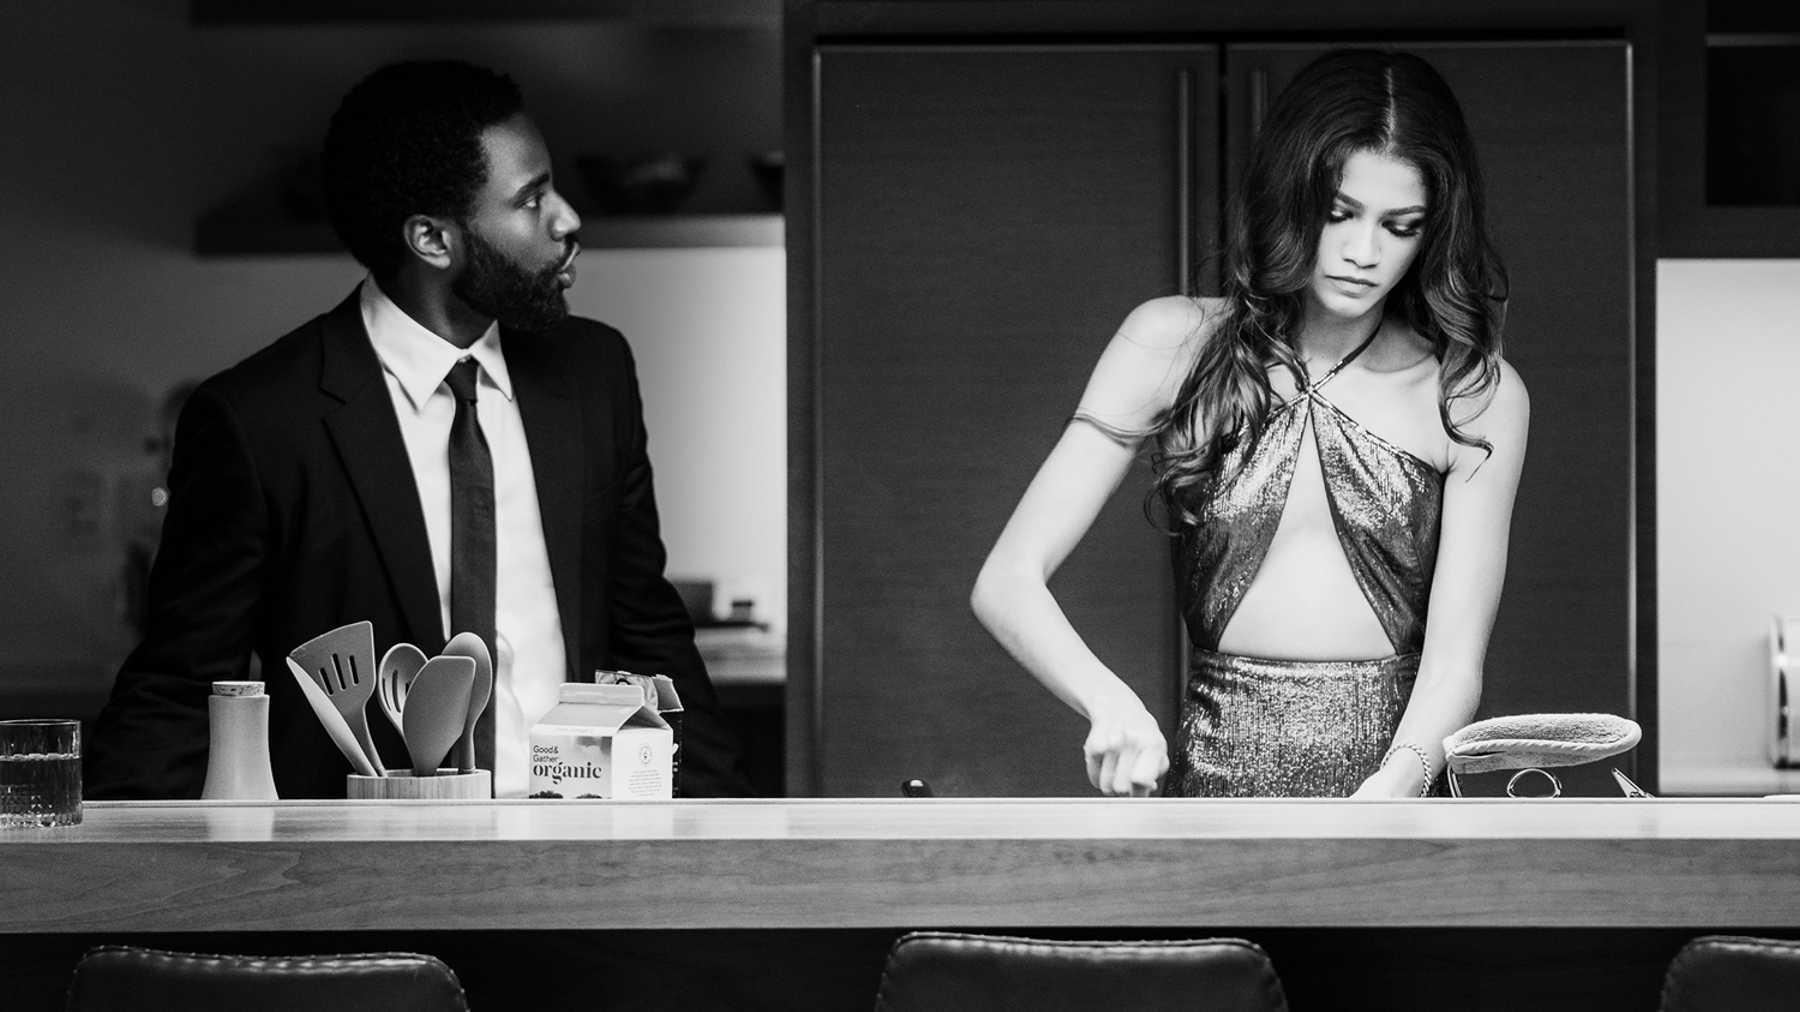 'Malcolm & Marie' libera una nueva escena con Zendaya y John David Washington